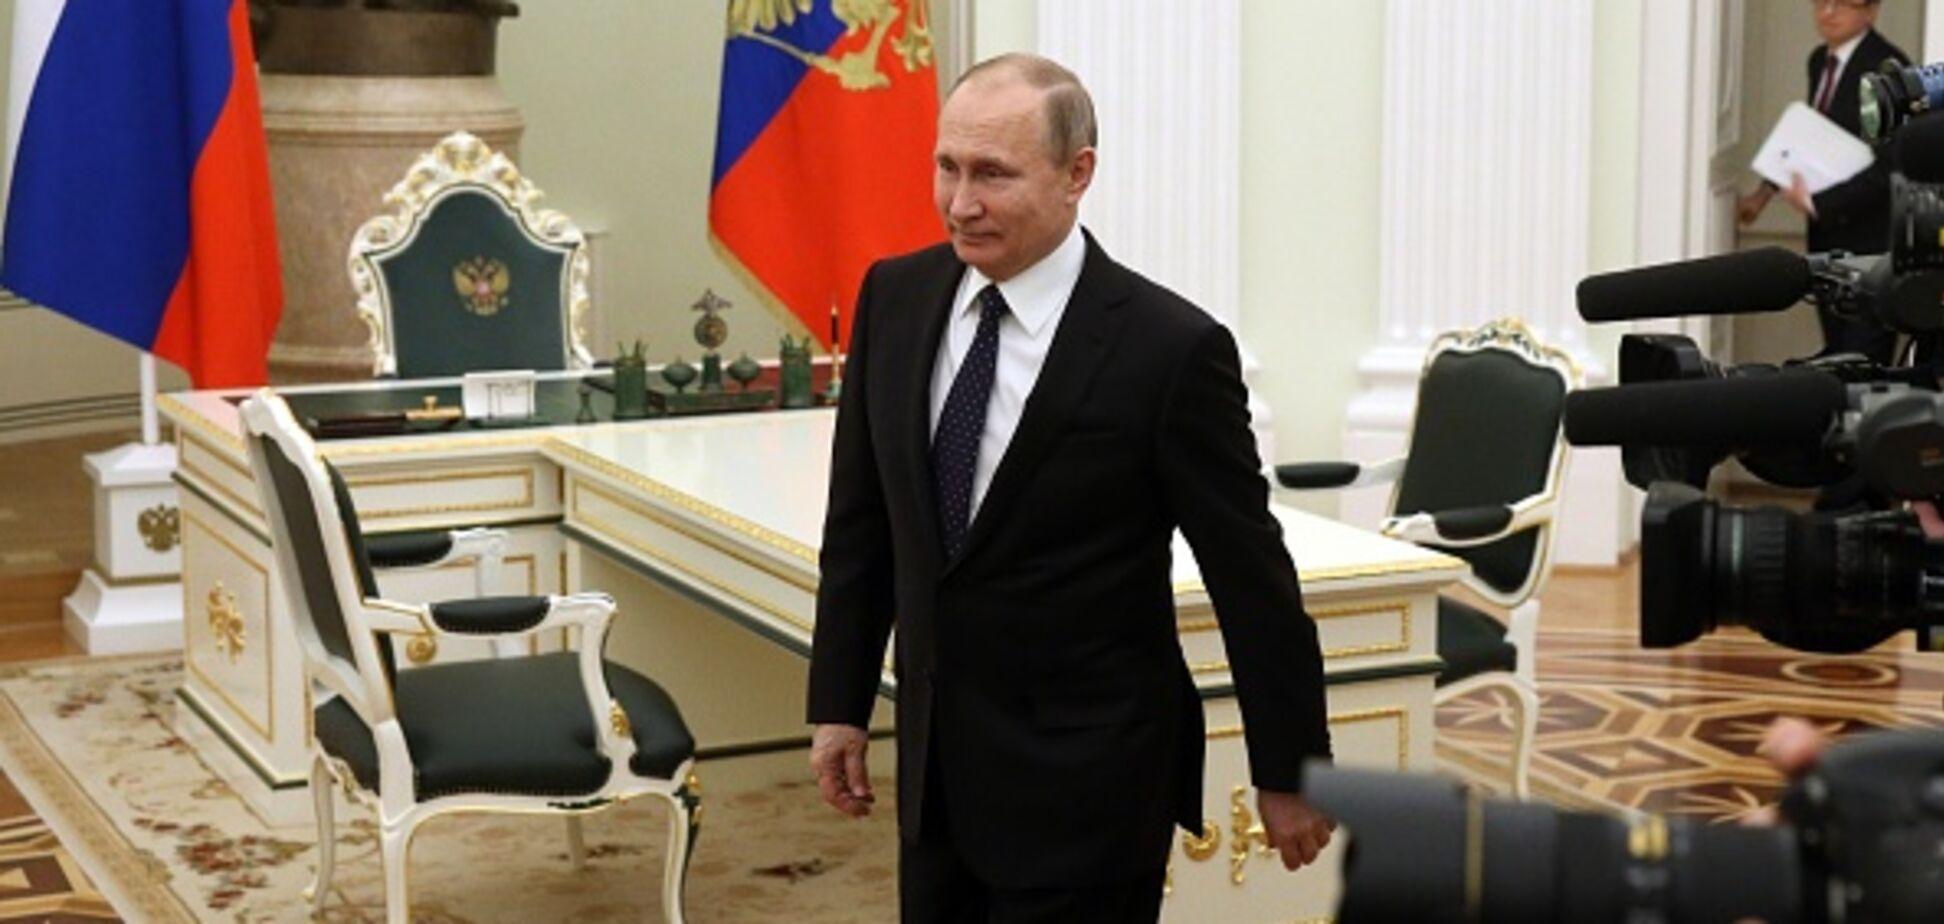 Преемник для Путина: озвучен сценарий смены власти в России